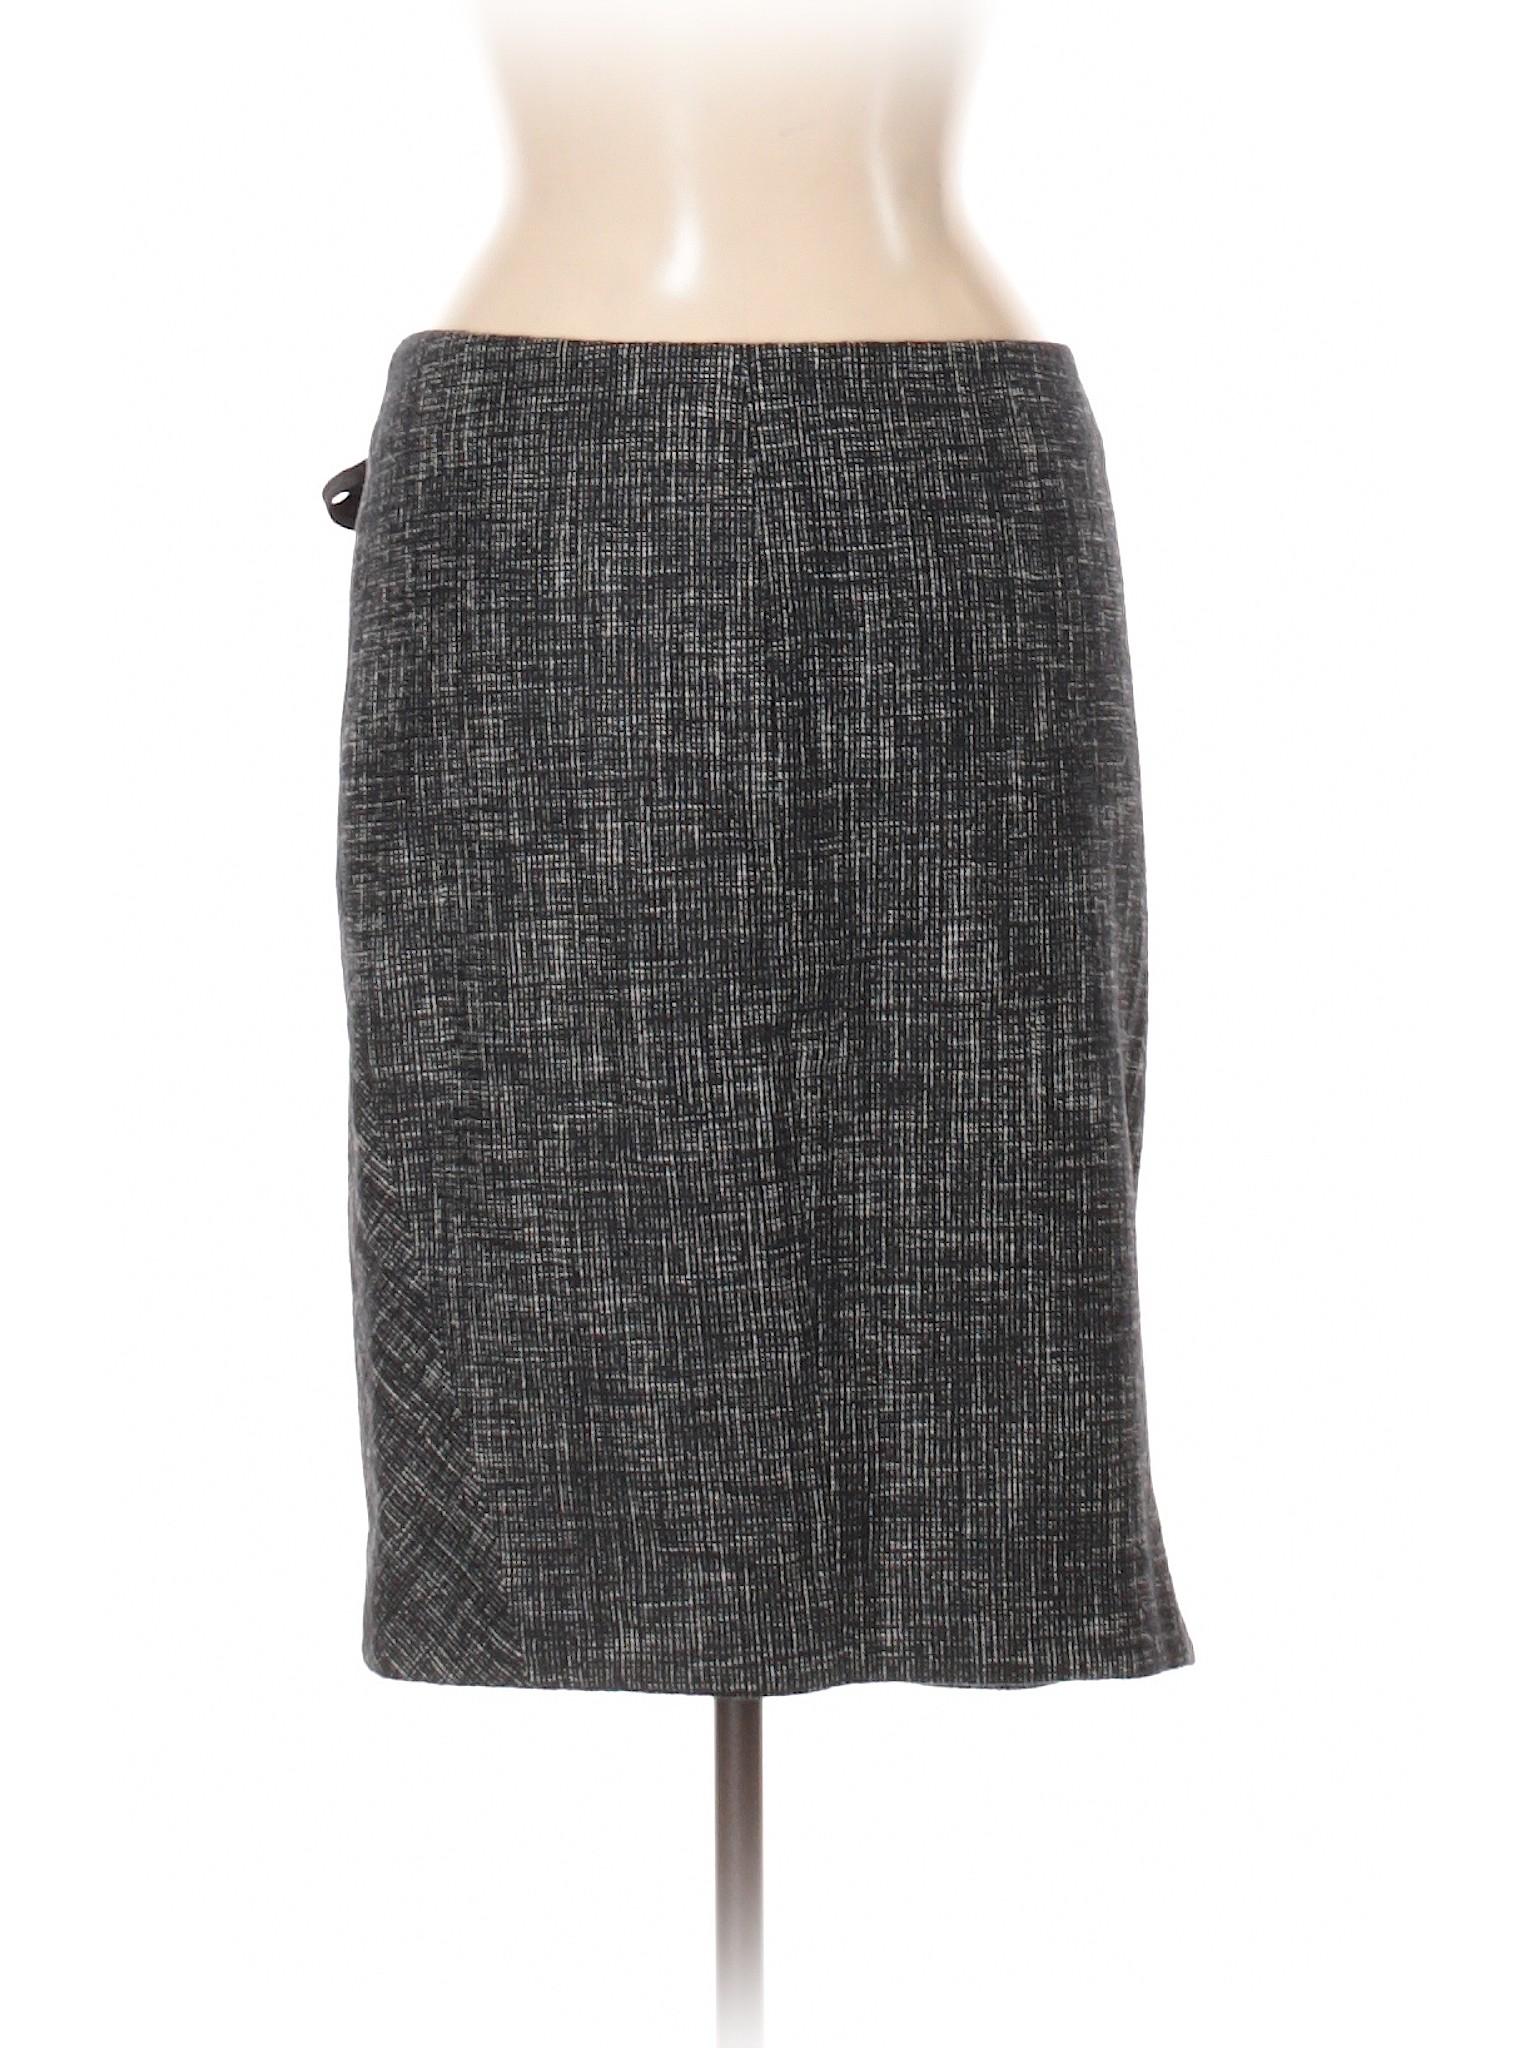 Zero leisure Casual Maria Boutique Cornejo Skirt f0Ux6Ow